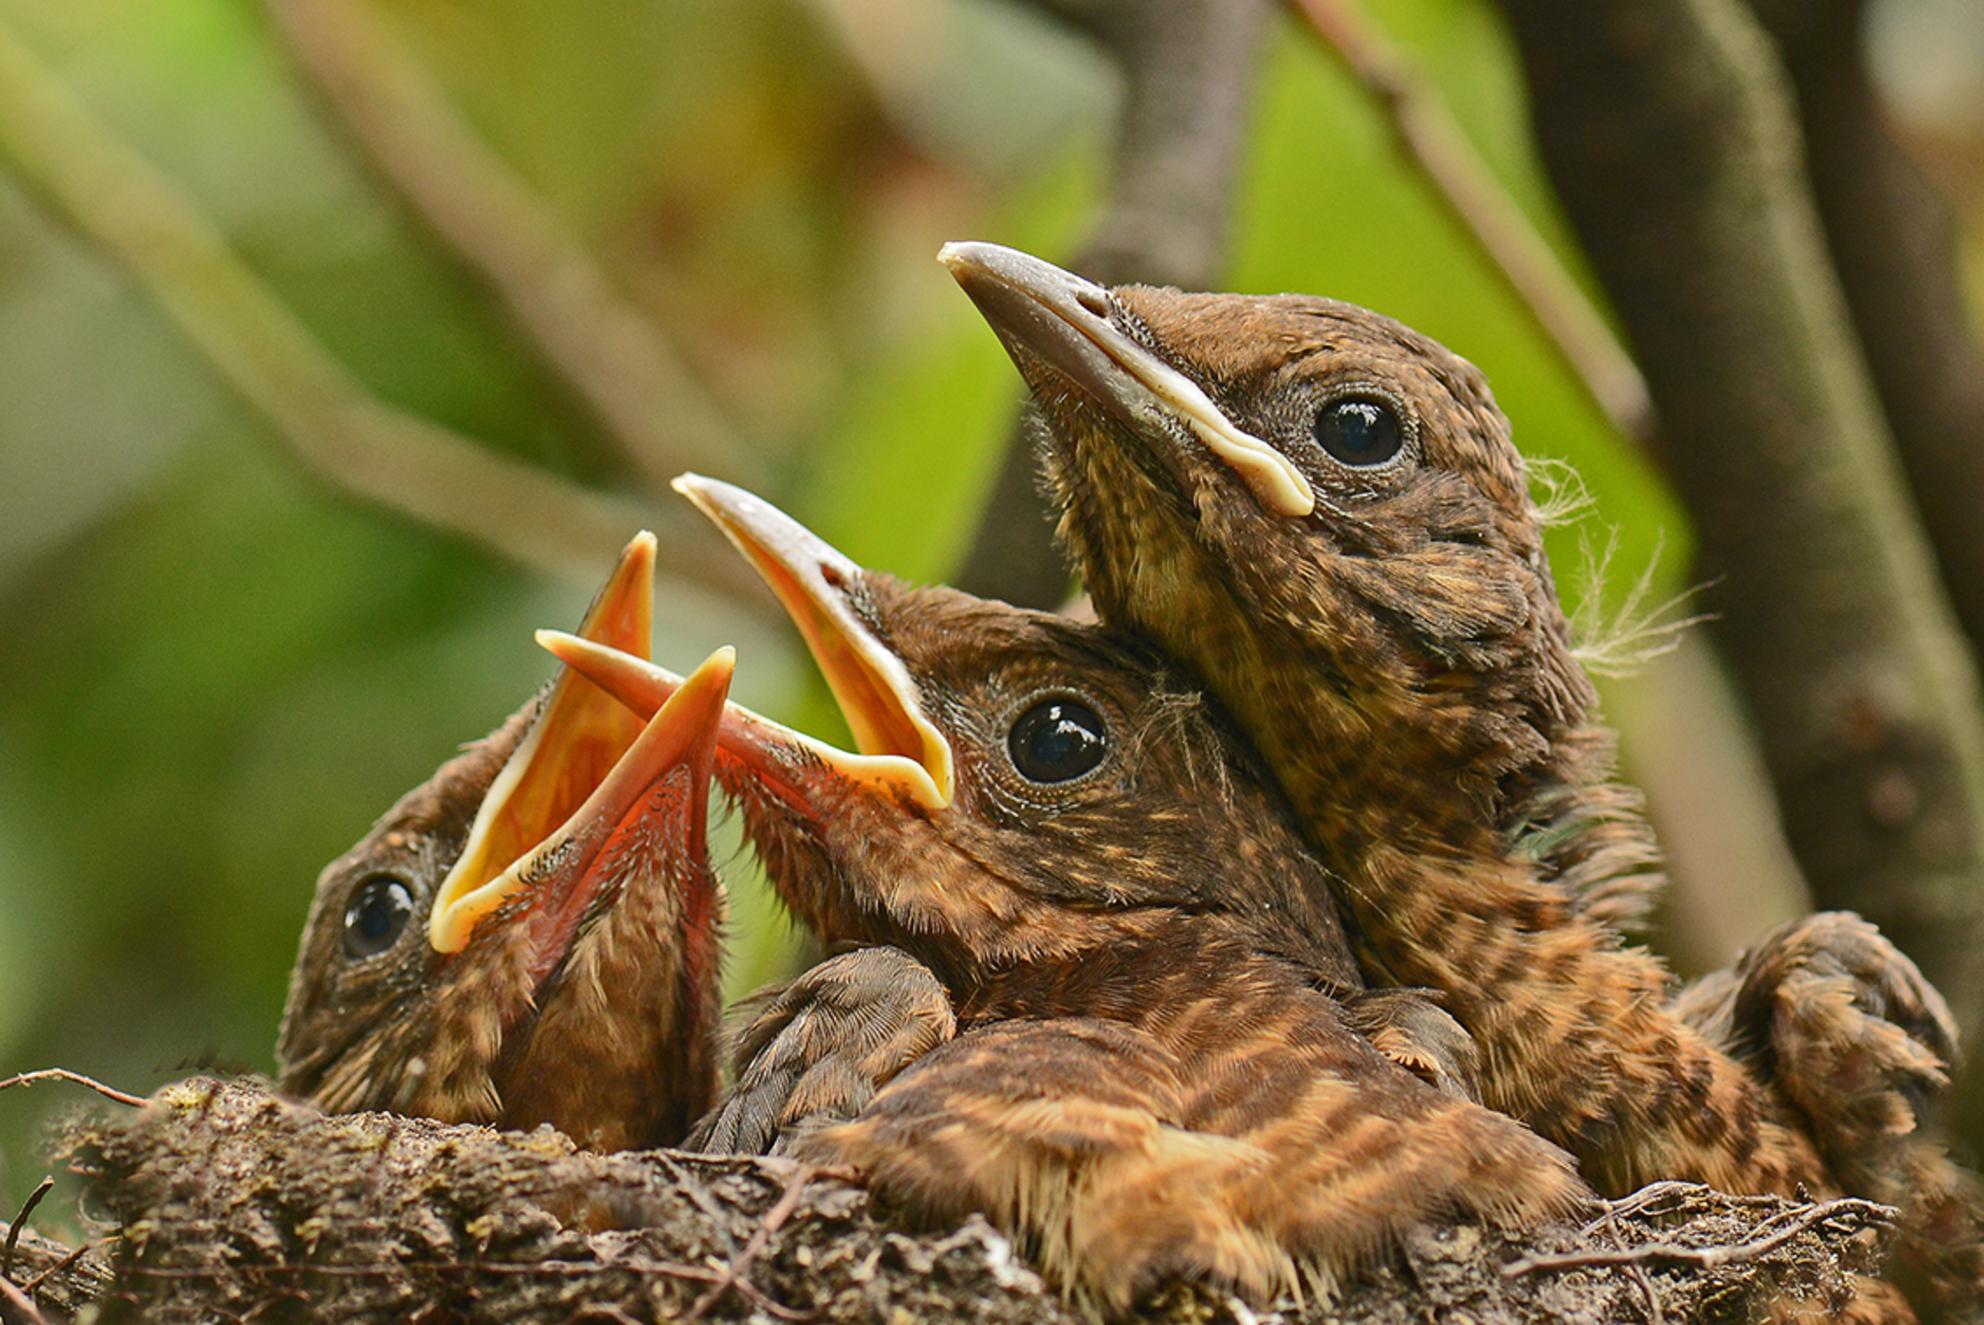 Overvol. - Weinig ruimte meer in het nest. Ze zullen vandaag of morgen gaan uitvliegen. Door een ruit in mijn bloemenkasje te laten zakken zit ik met de camera - foto door Apo op 08-07-2016 - deze foto bevat: vogelnest, macro., jonge merels - Deze foto mag gebruikt worden in een Zoom.nl publicatie